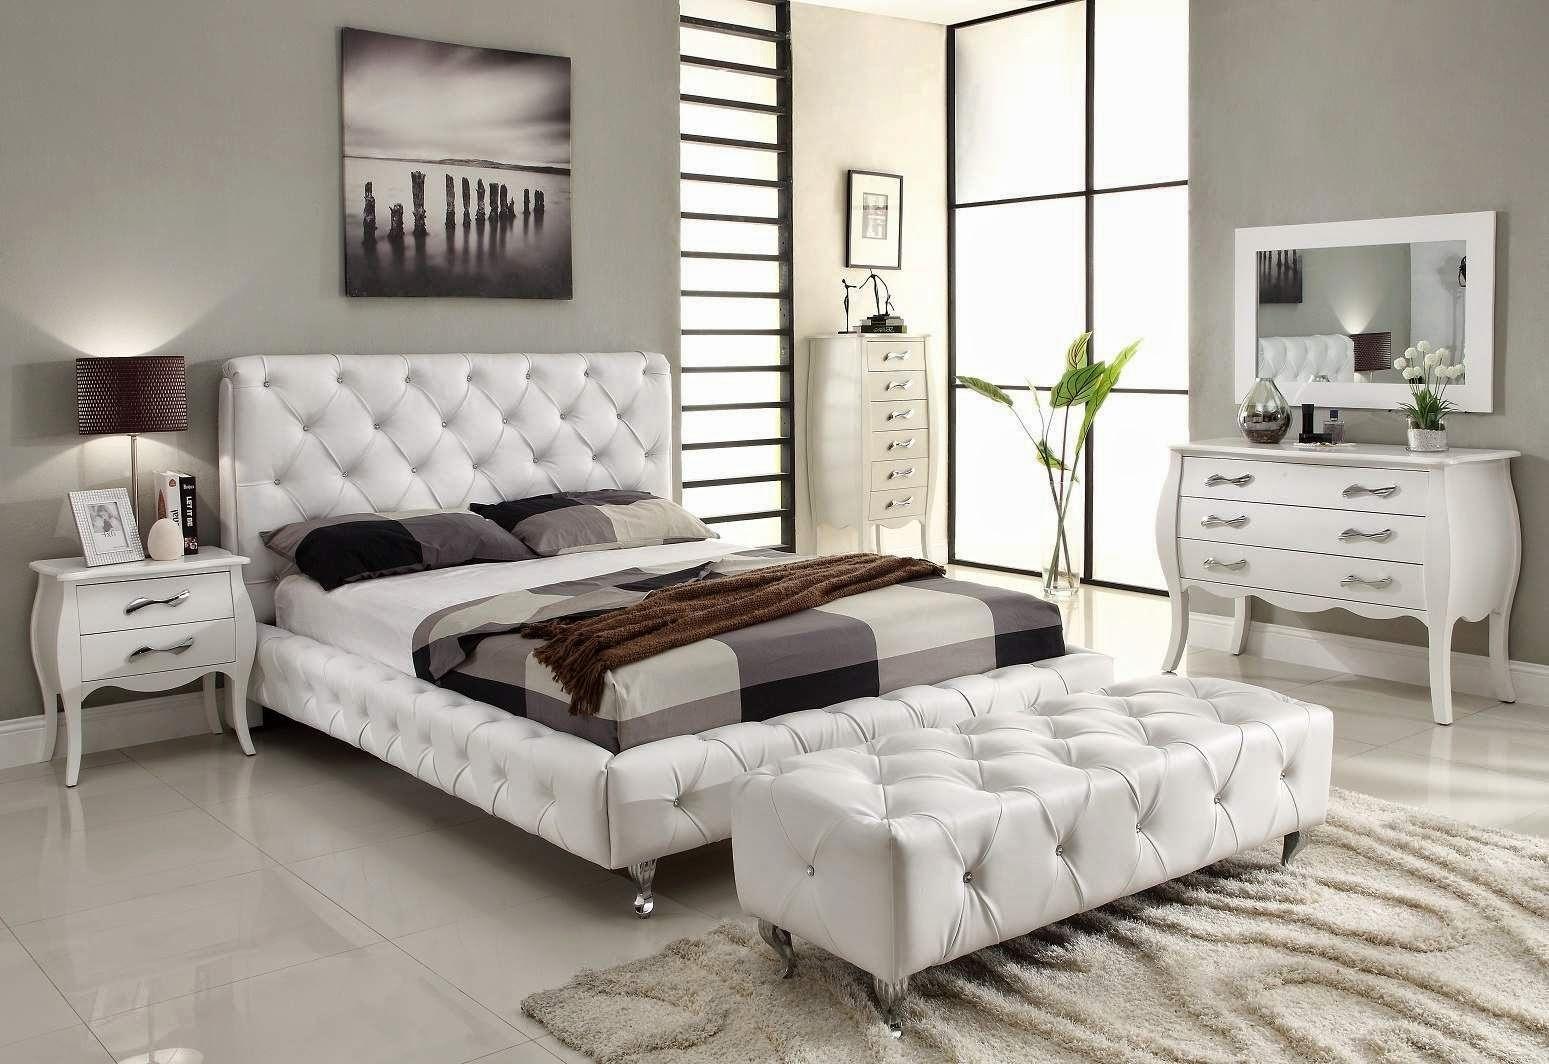 Quelle couleur pour une chambre id es d co moderne - Idee de couleur pour une chambre ...